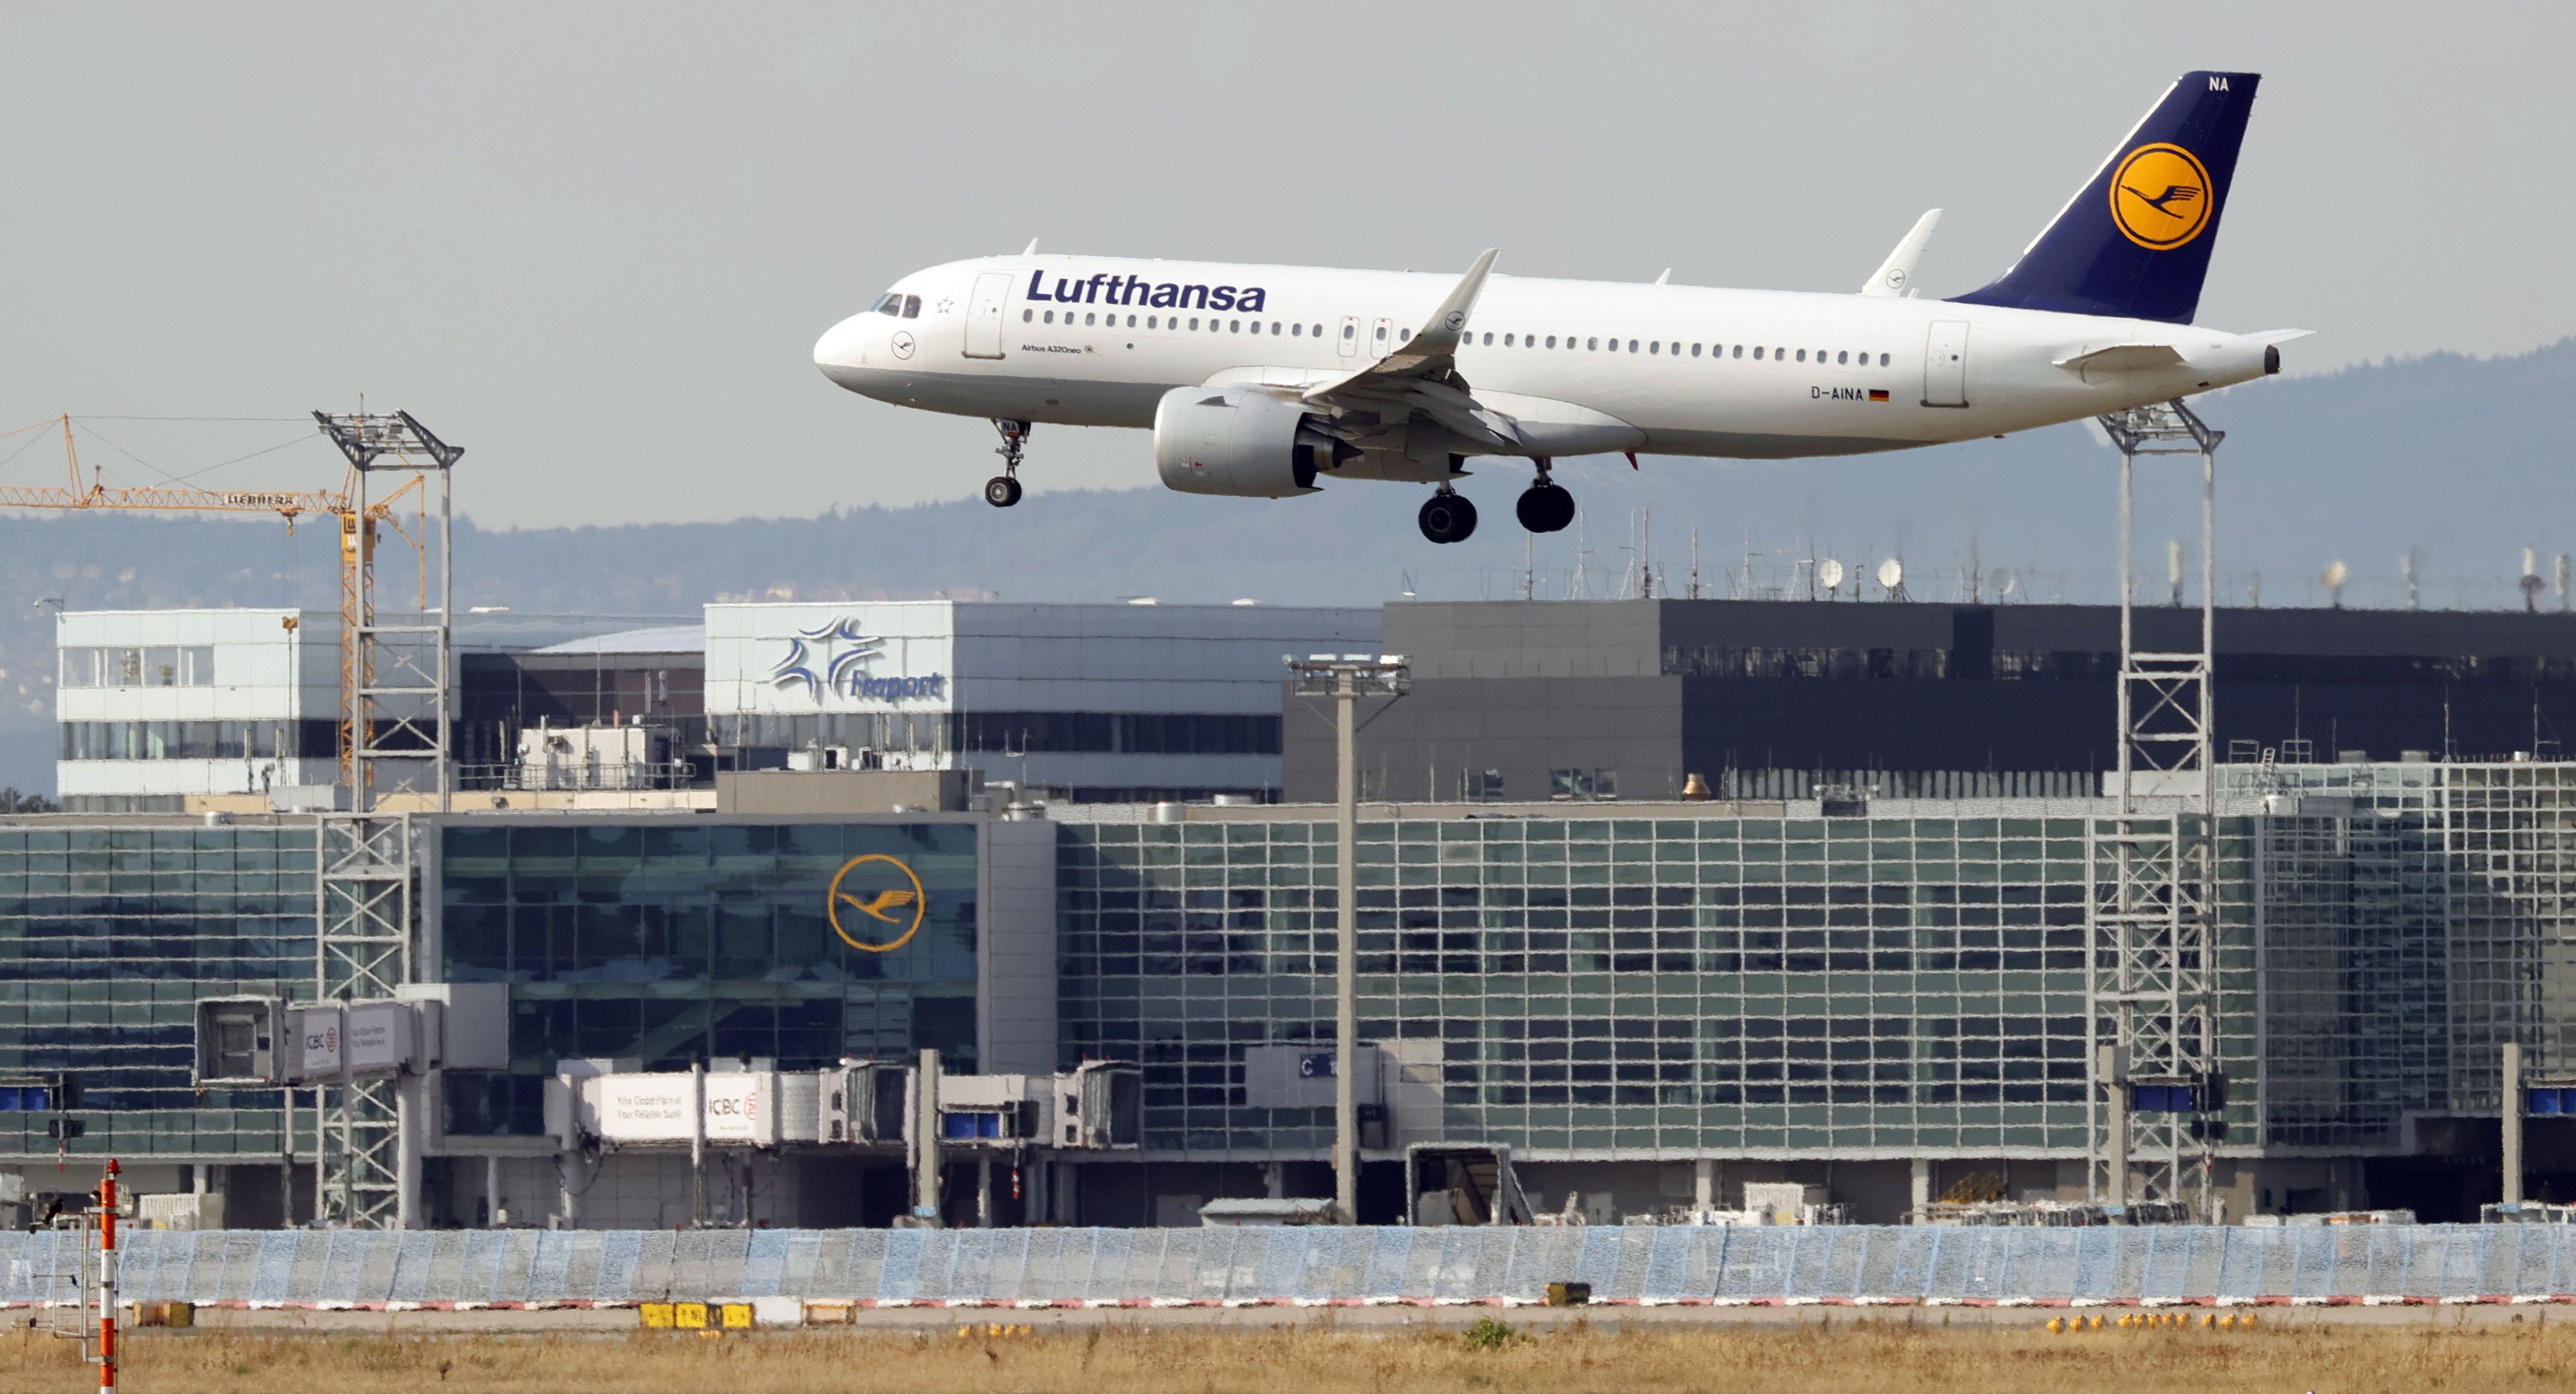 """De acuerdo a lo manifestado por un experto, """"la cabina de un avión es probablemente uno de los lugares más seguros en los que se puede estar"""" (EFE/EPA/RONALD WITTEK/Archivo)"""